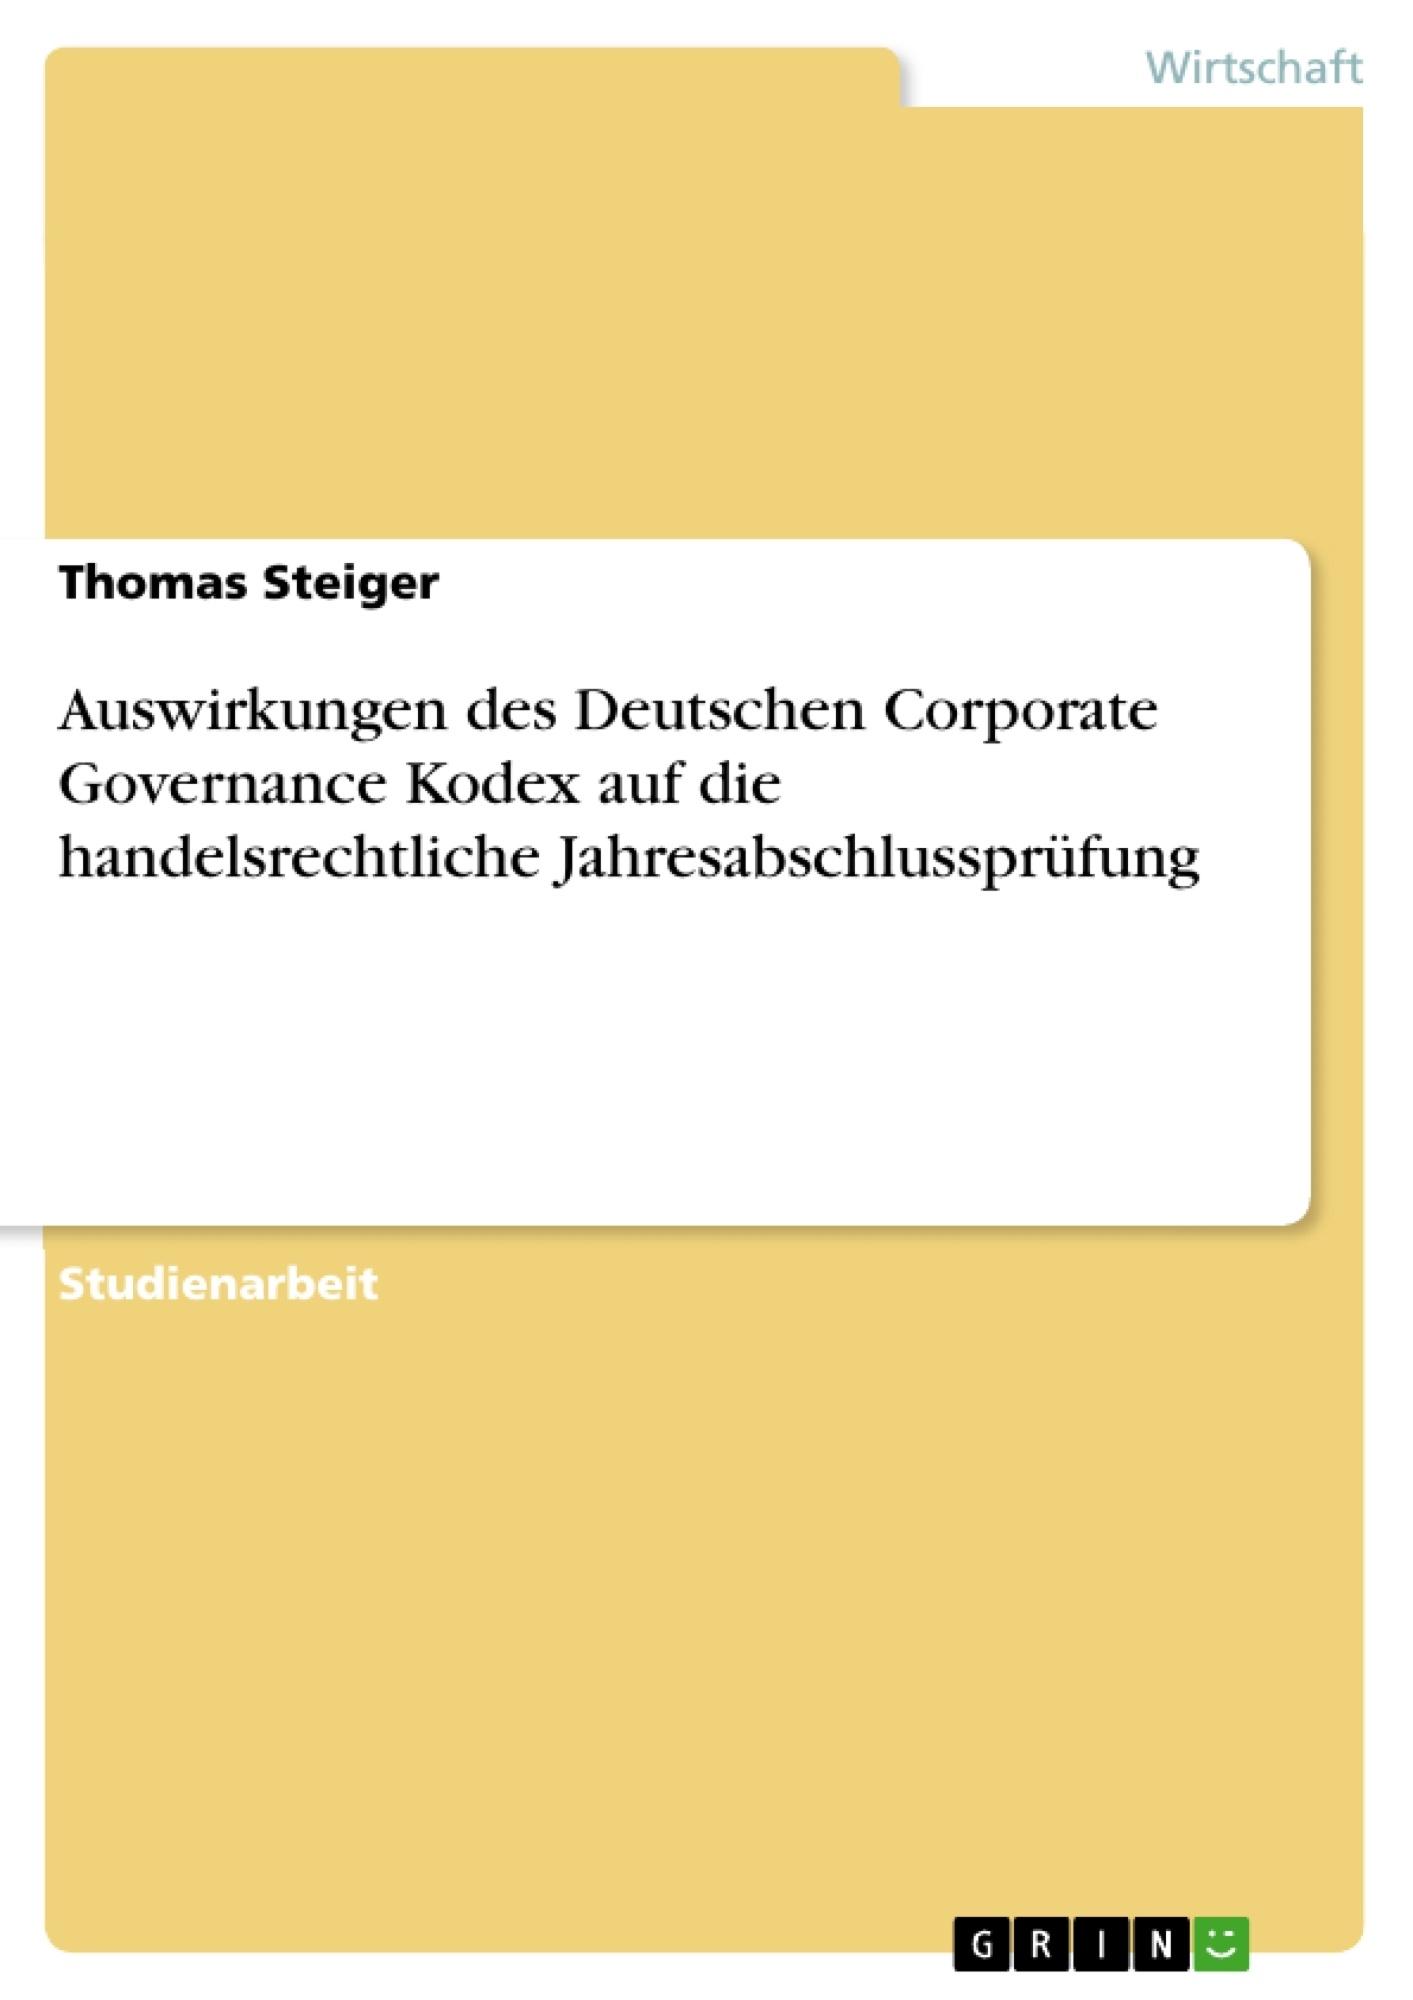 Titel: Auswirkungen des Deutschen Corporate Governance Kodex auf die handelsrechtliche Jahresabschlussprüfung